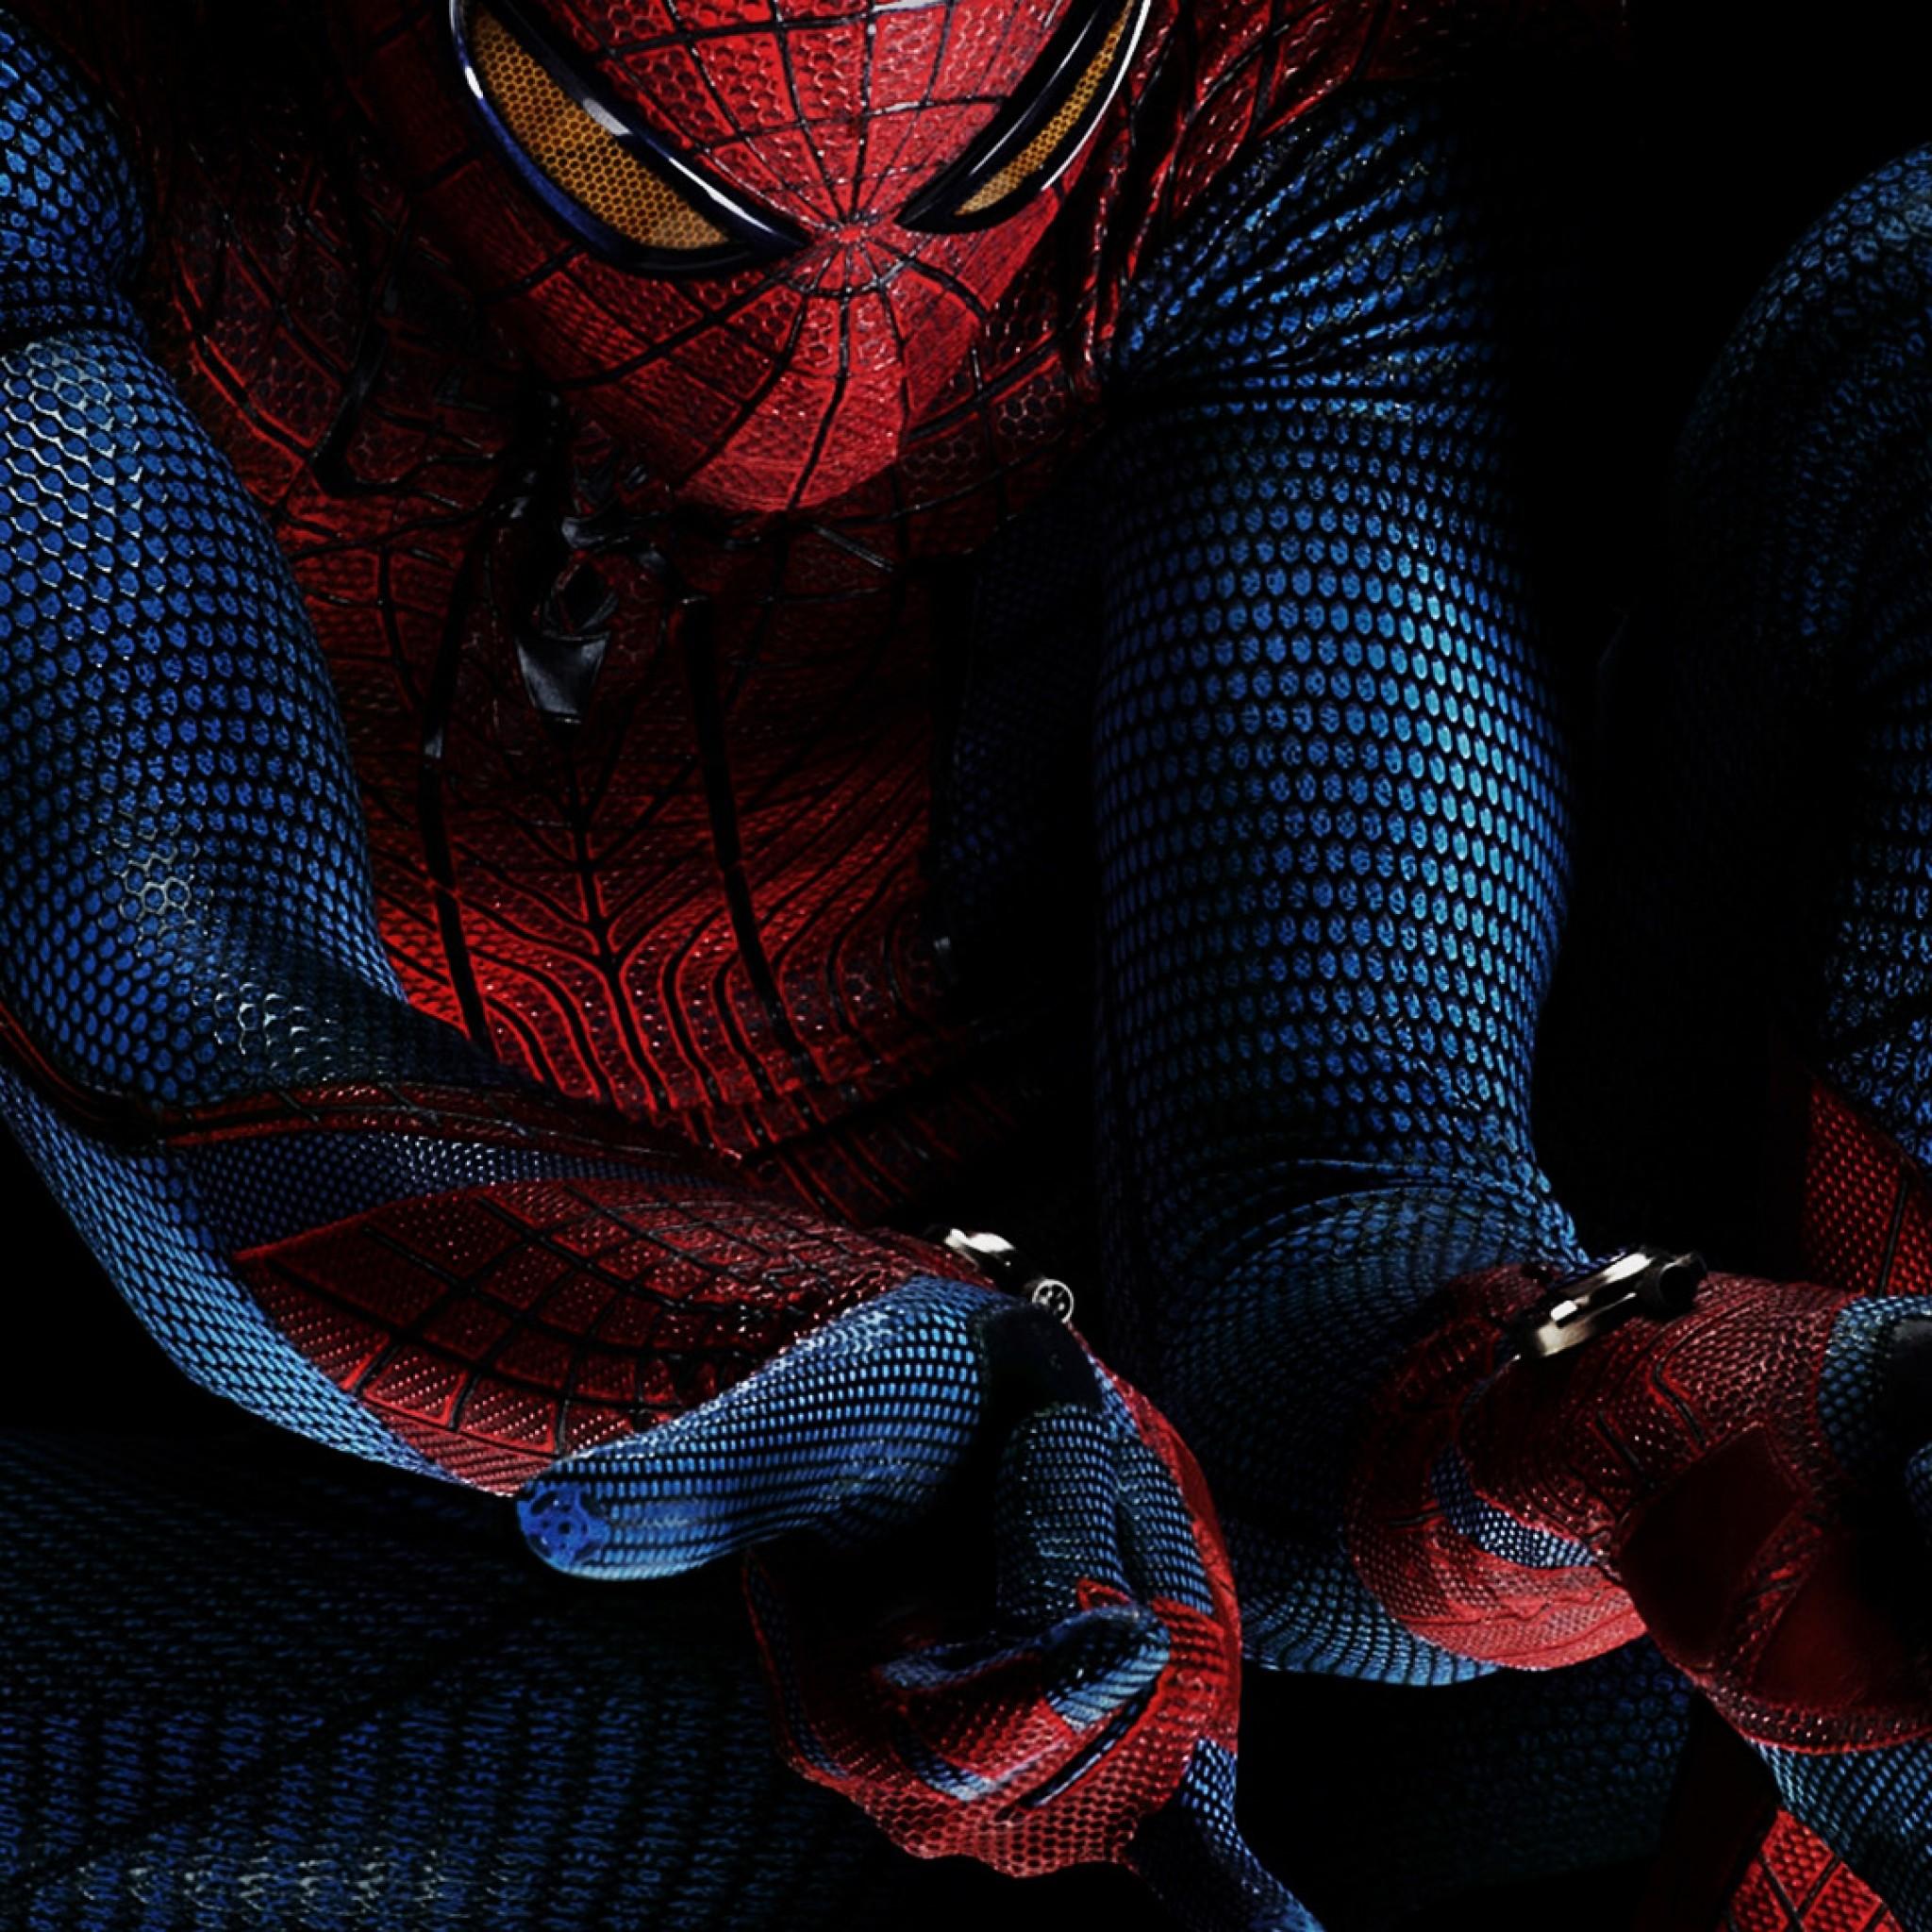 spider man 3 wallpaper hd - photo #19